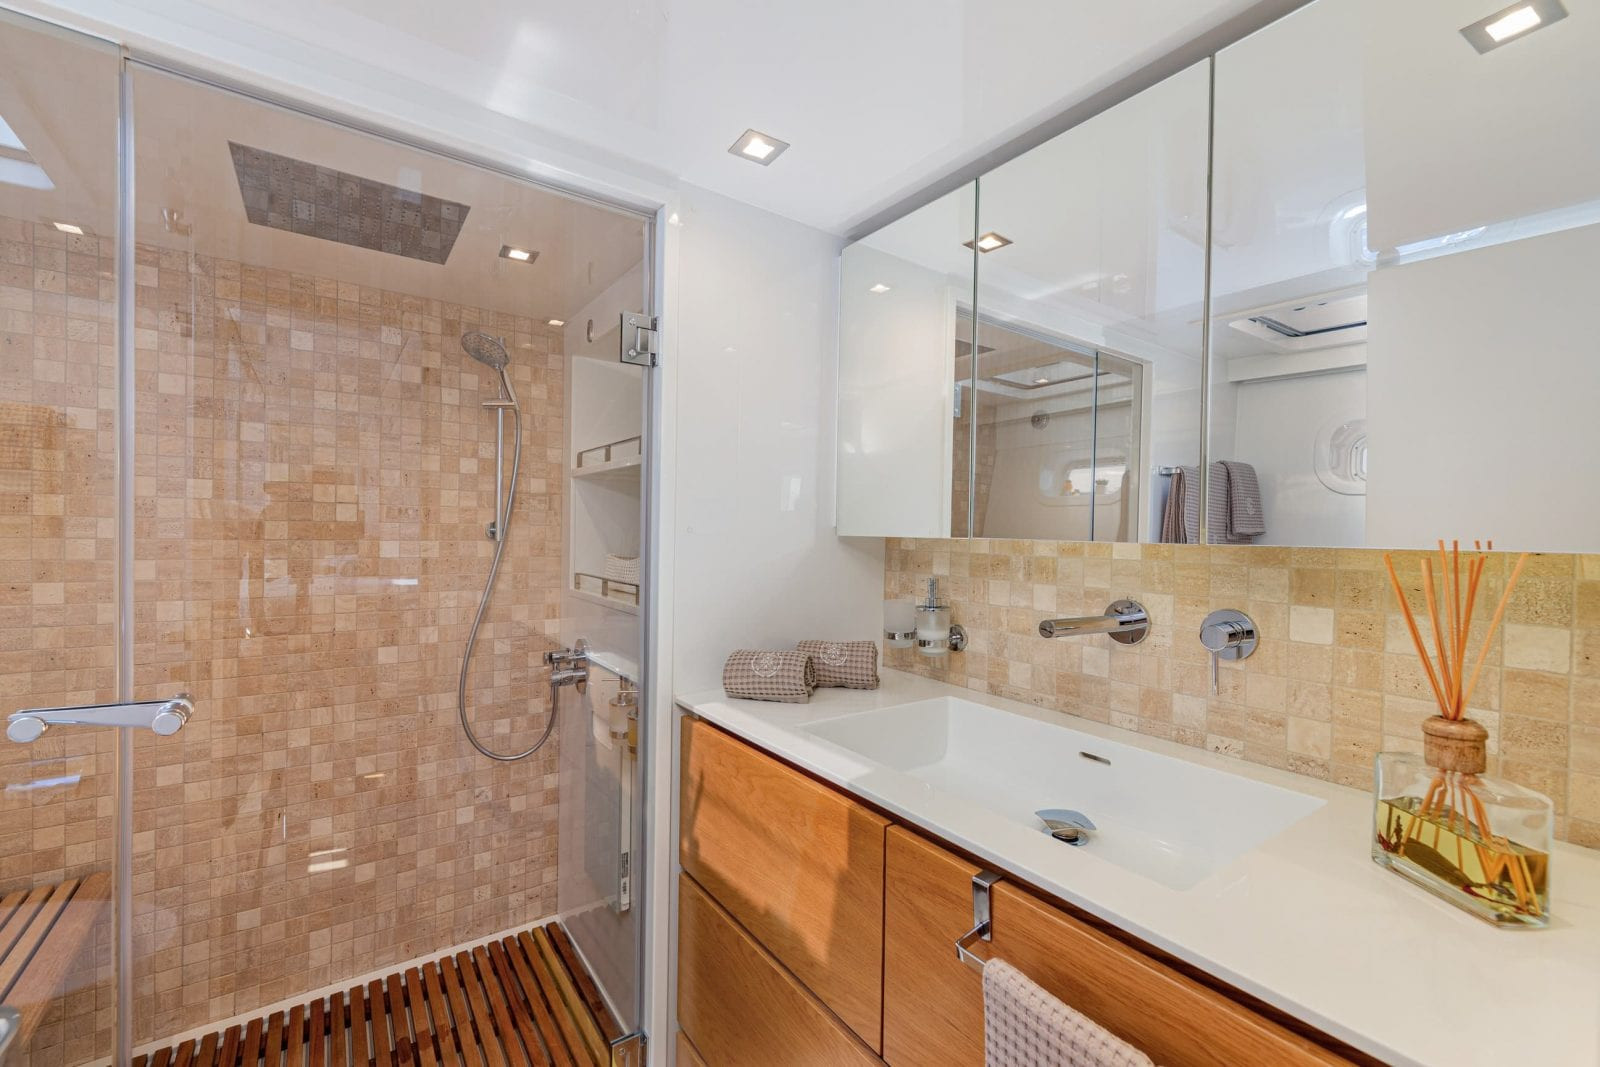 ADEA - en-suite shower room